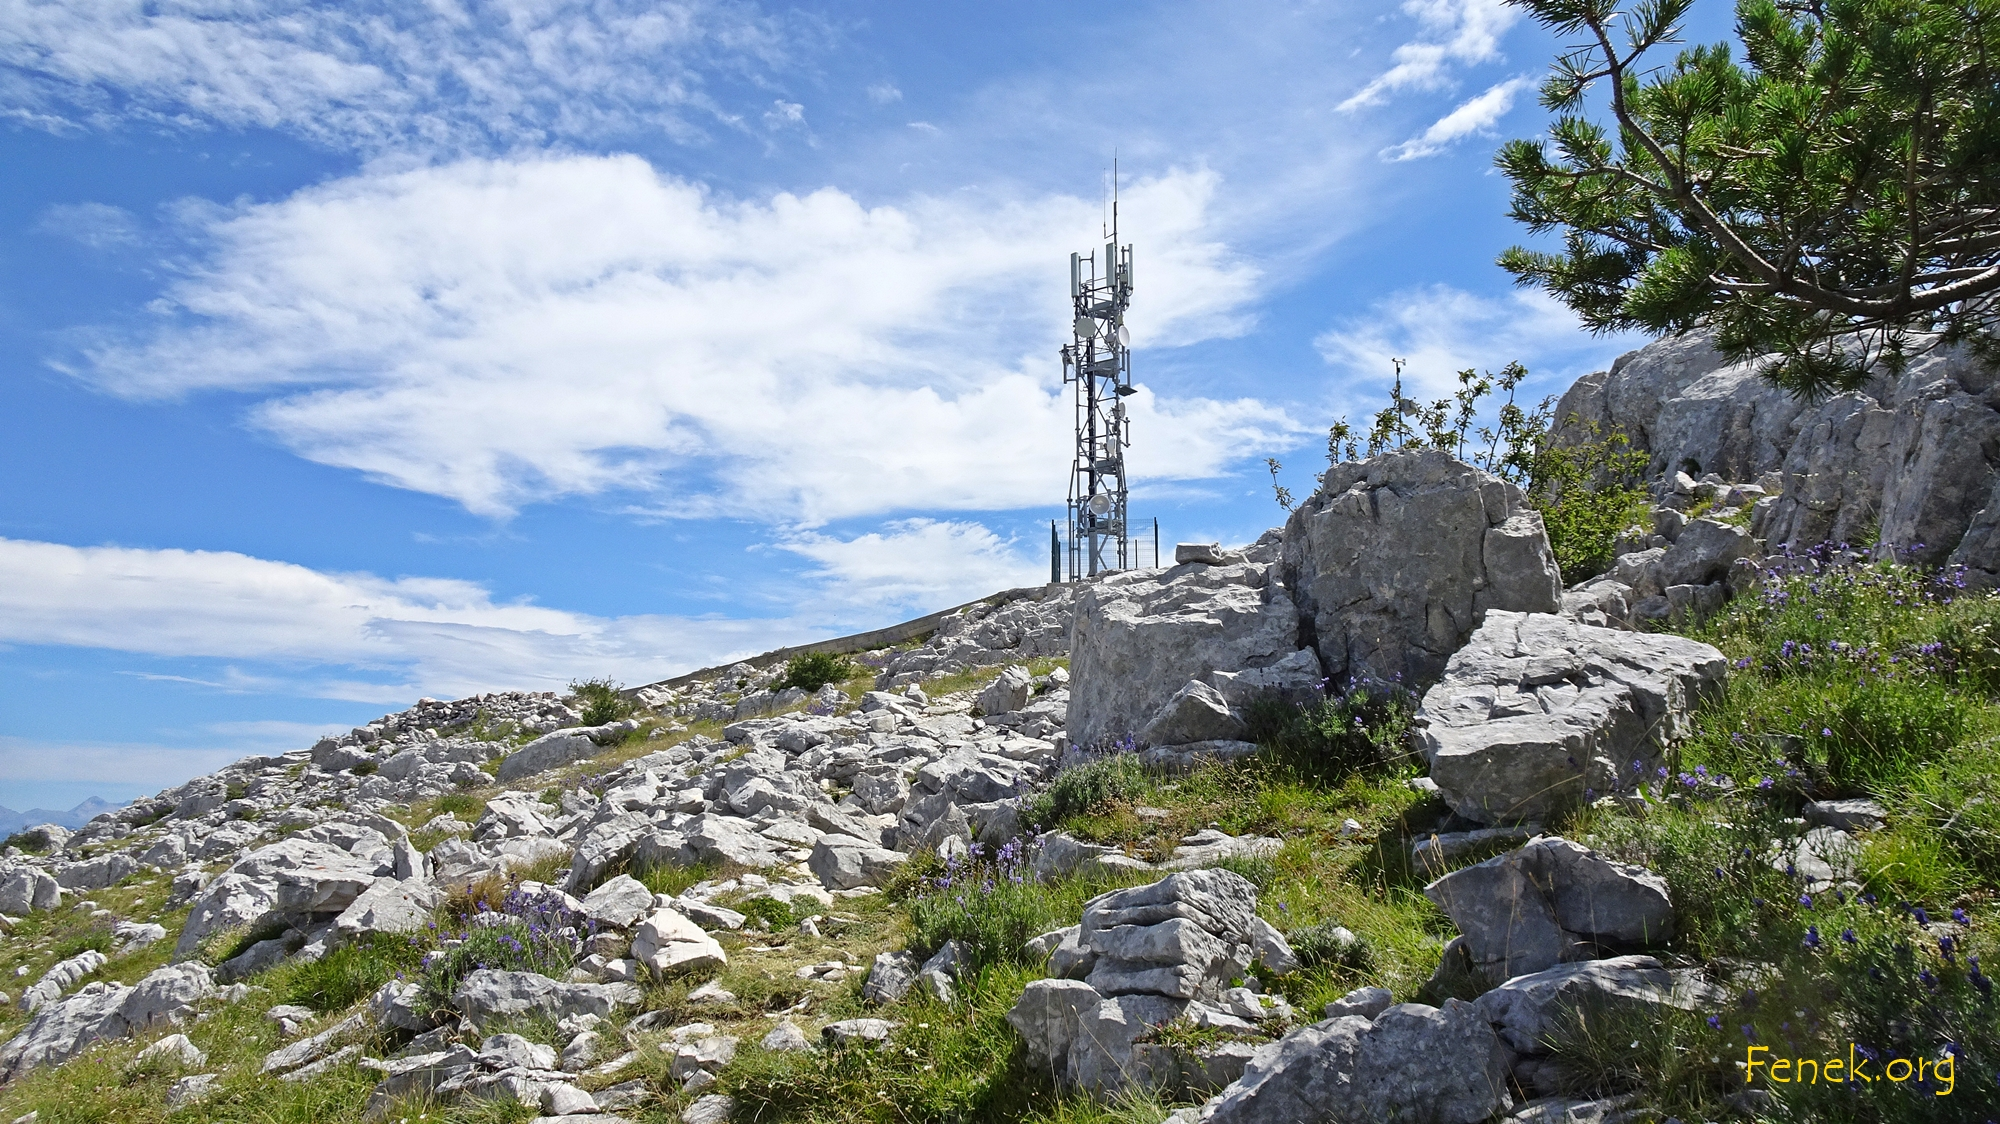 der Gipfel wird sichtbar